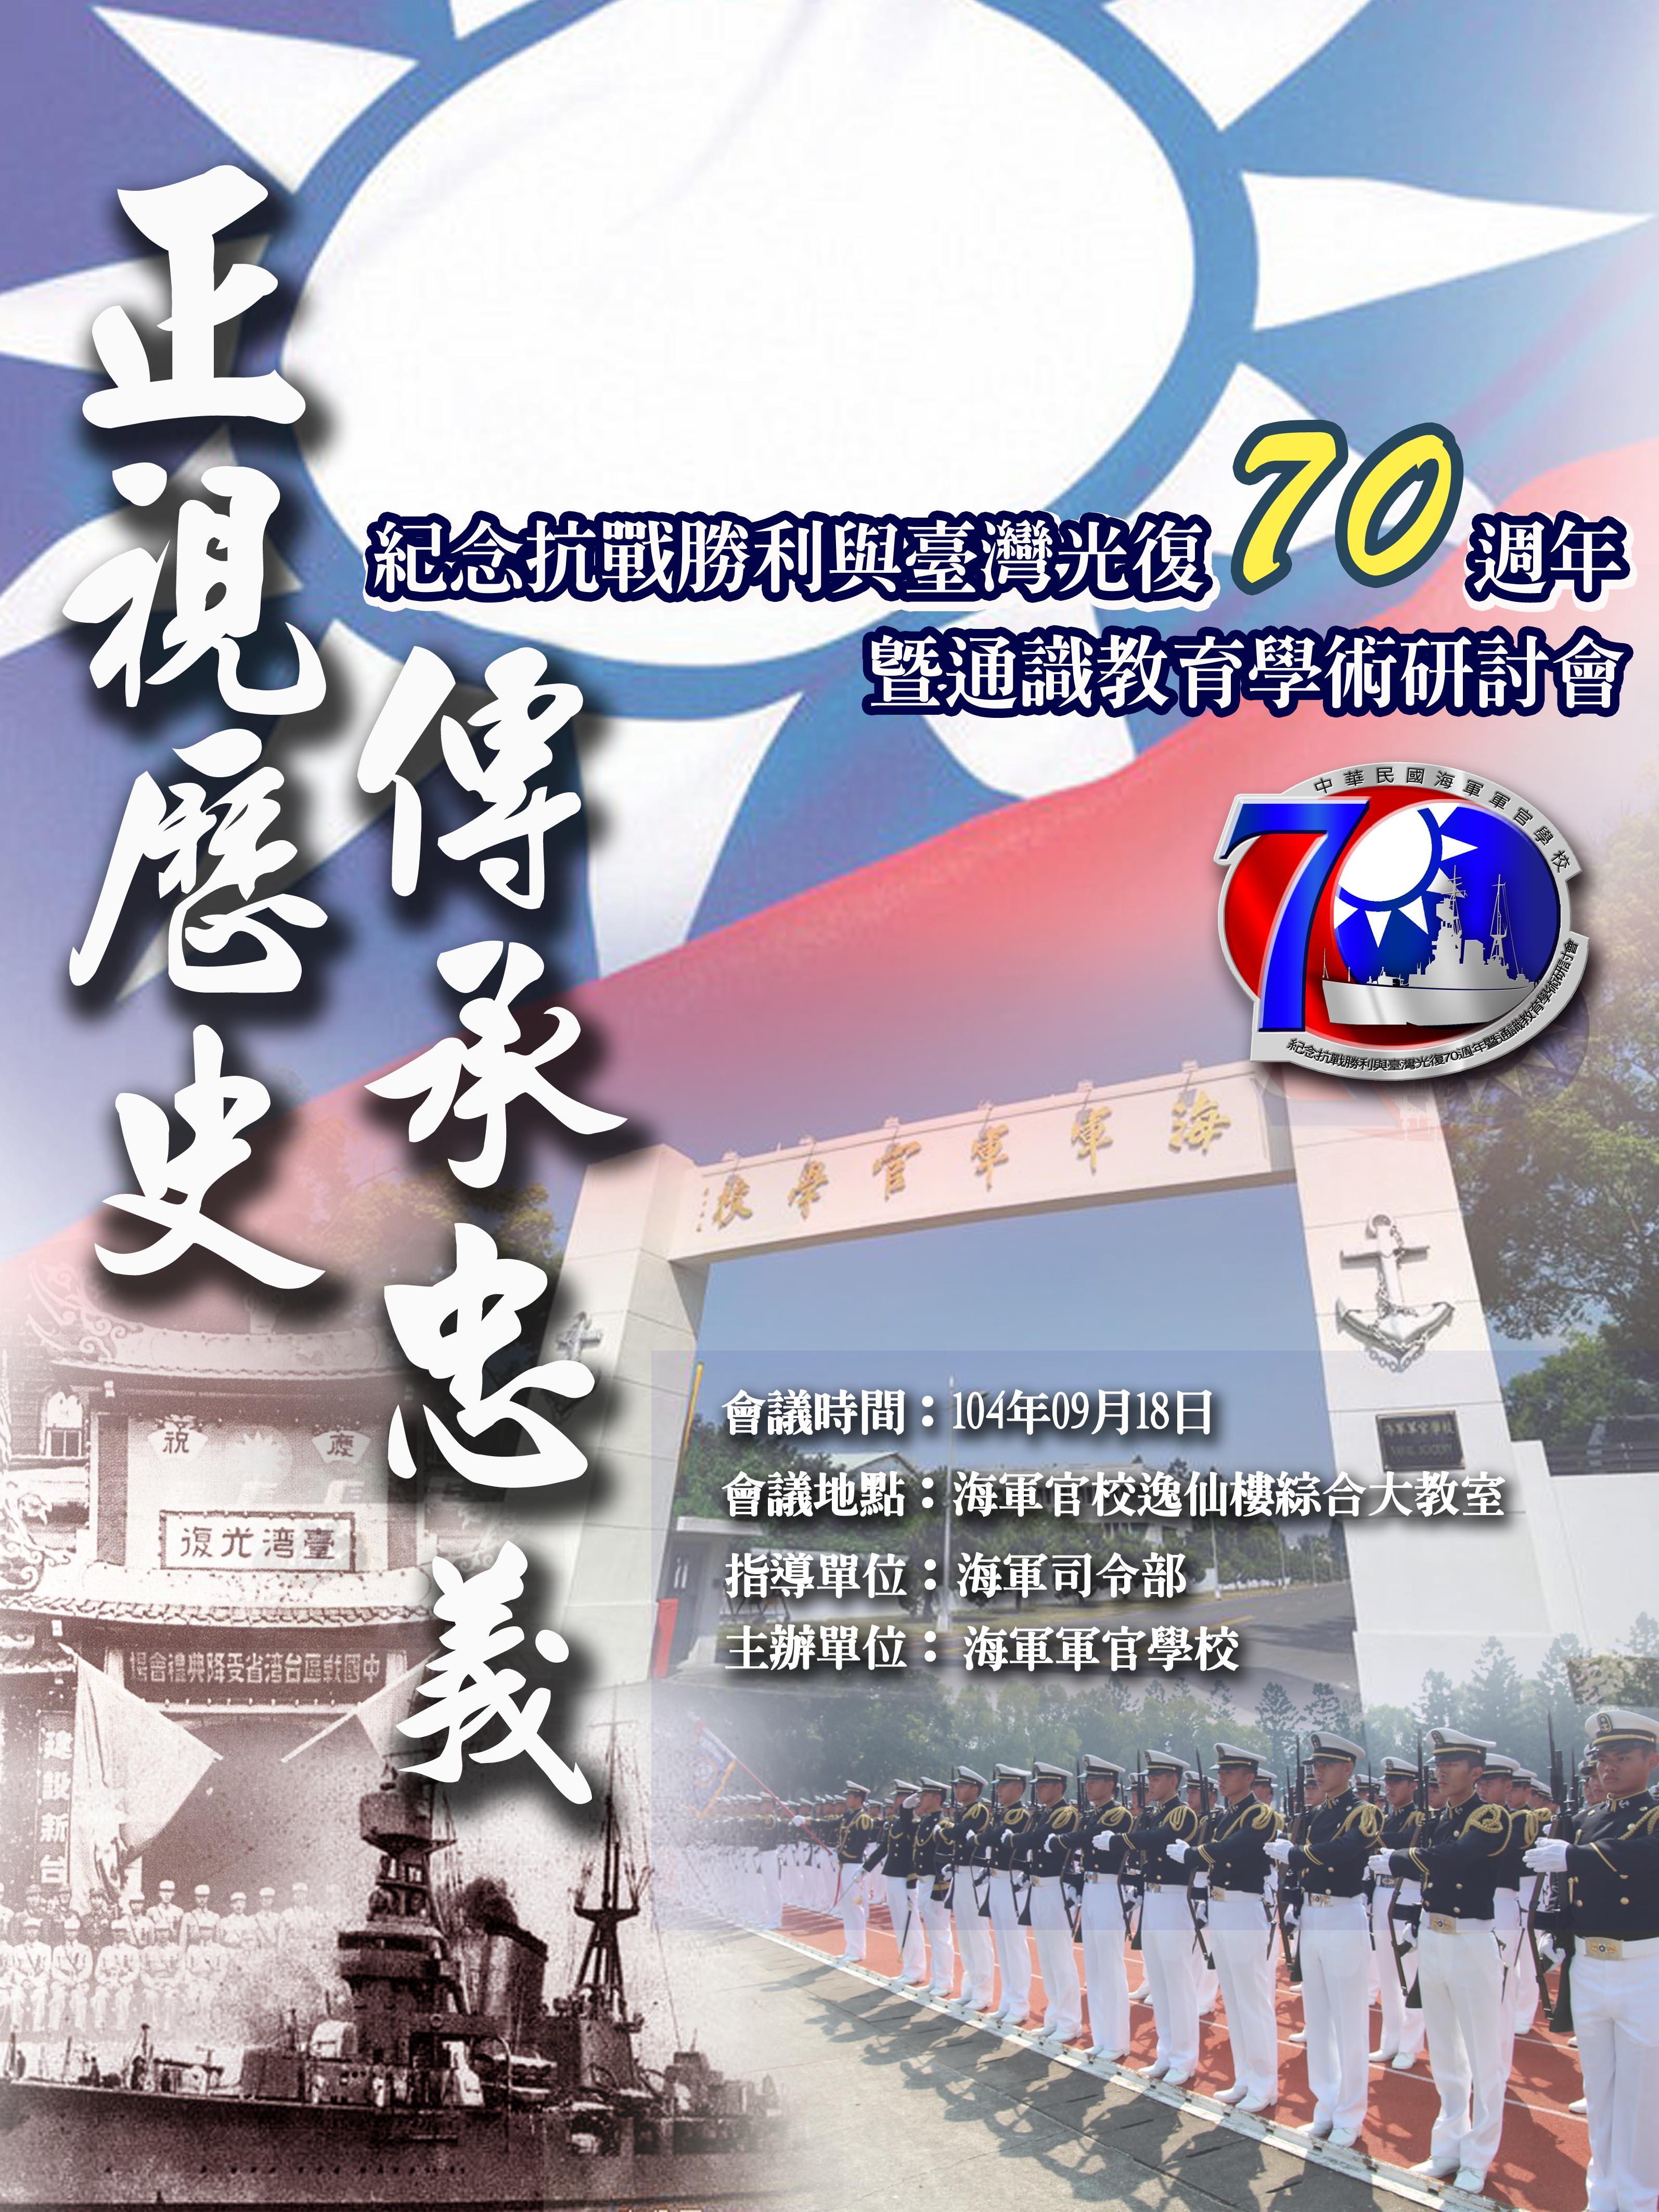 紀念抗戰勝利與臺灣光復70週年暨通識教育學術研討會宣傳海報